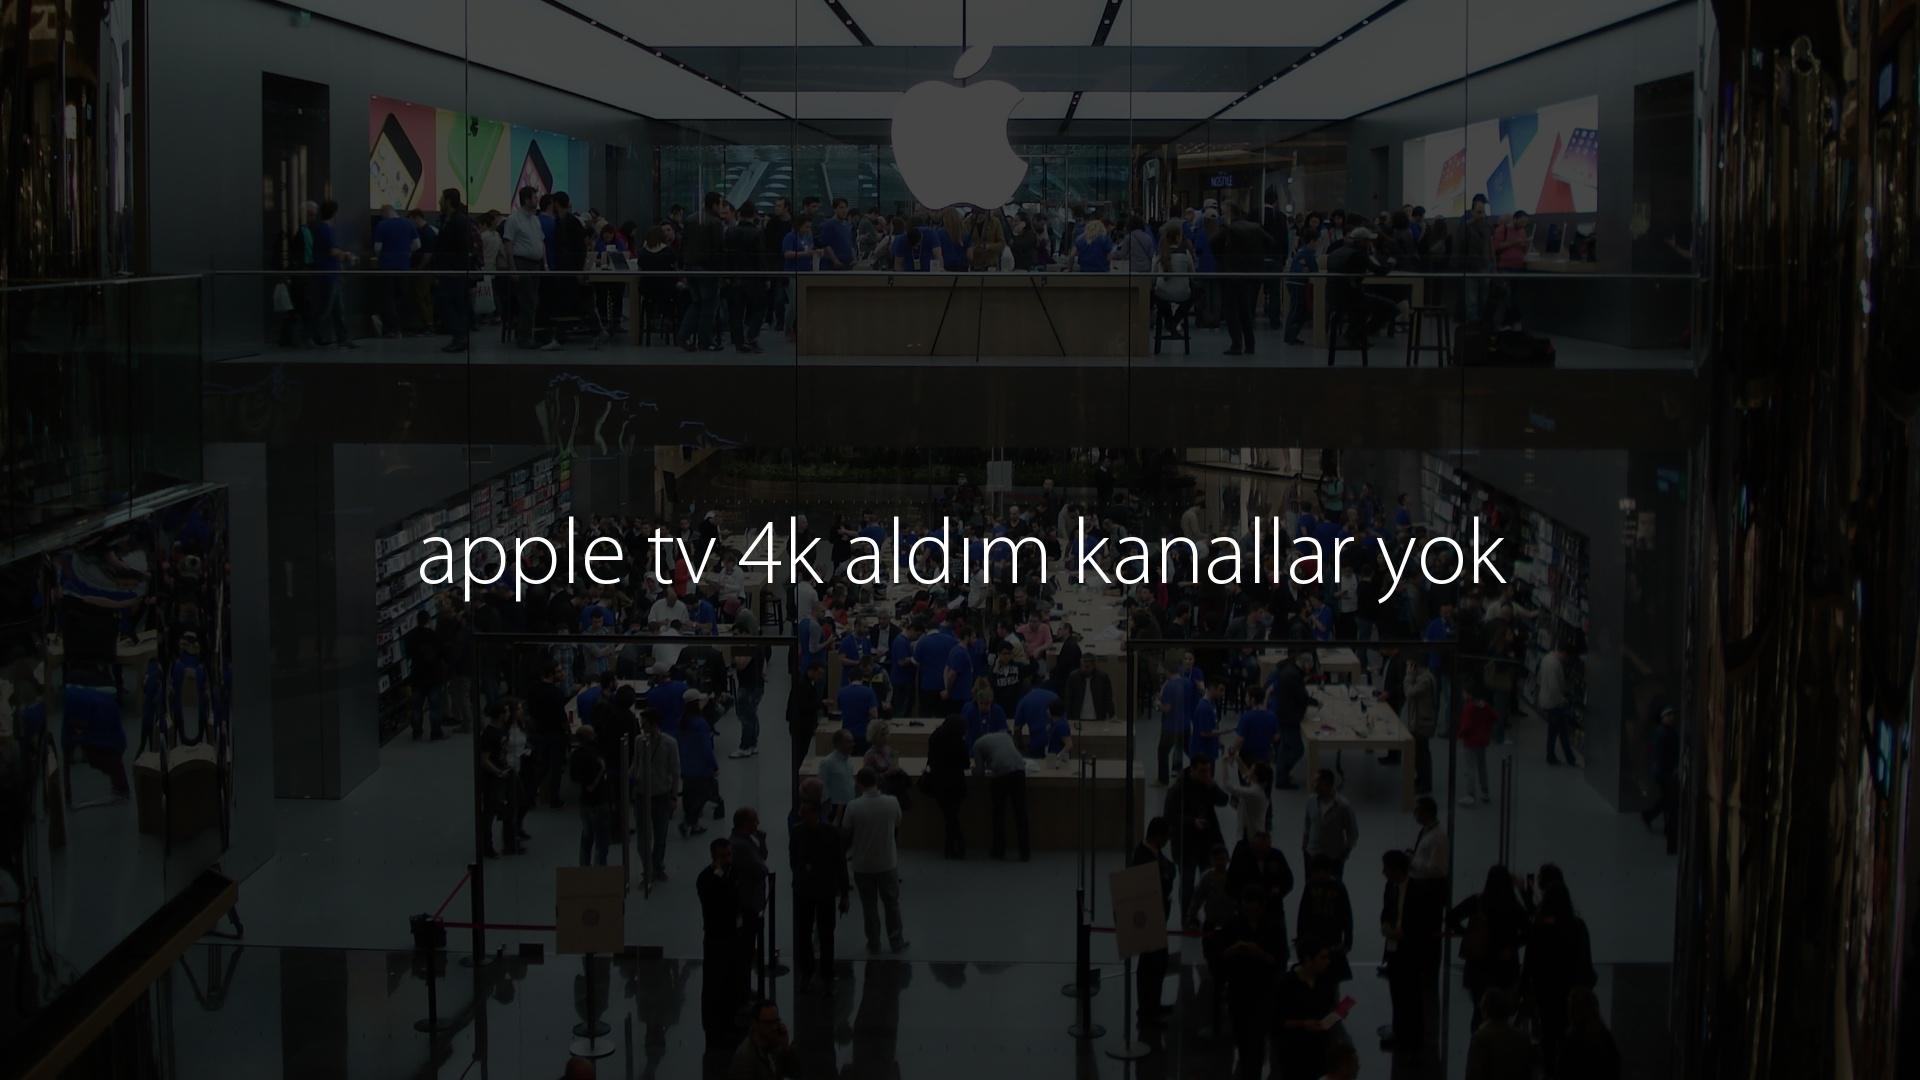 apple tv 4k aldım kanallar yok